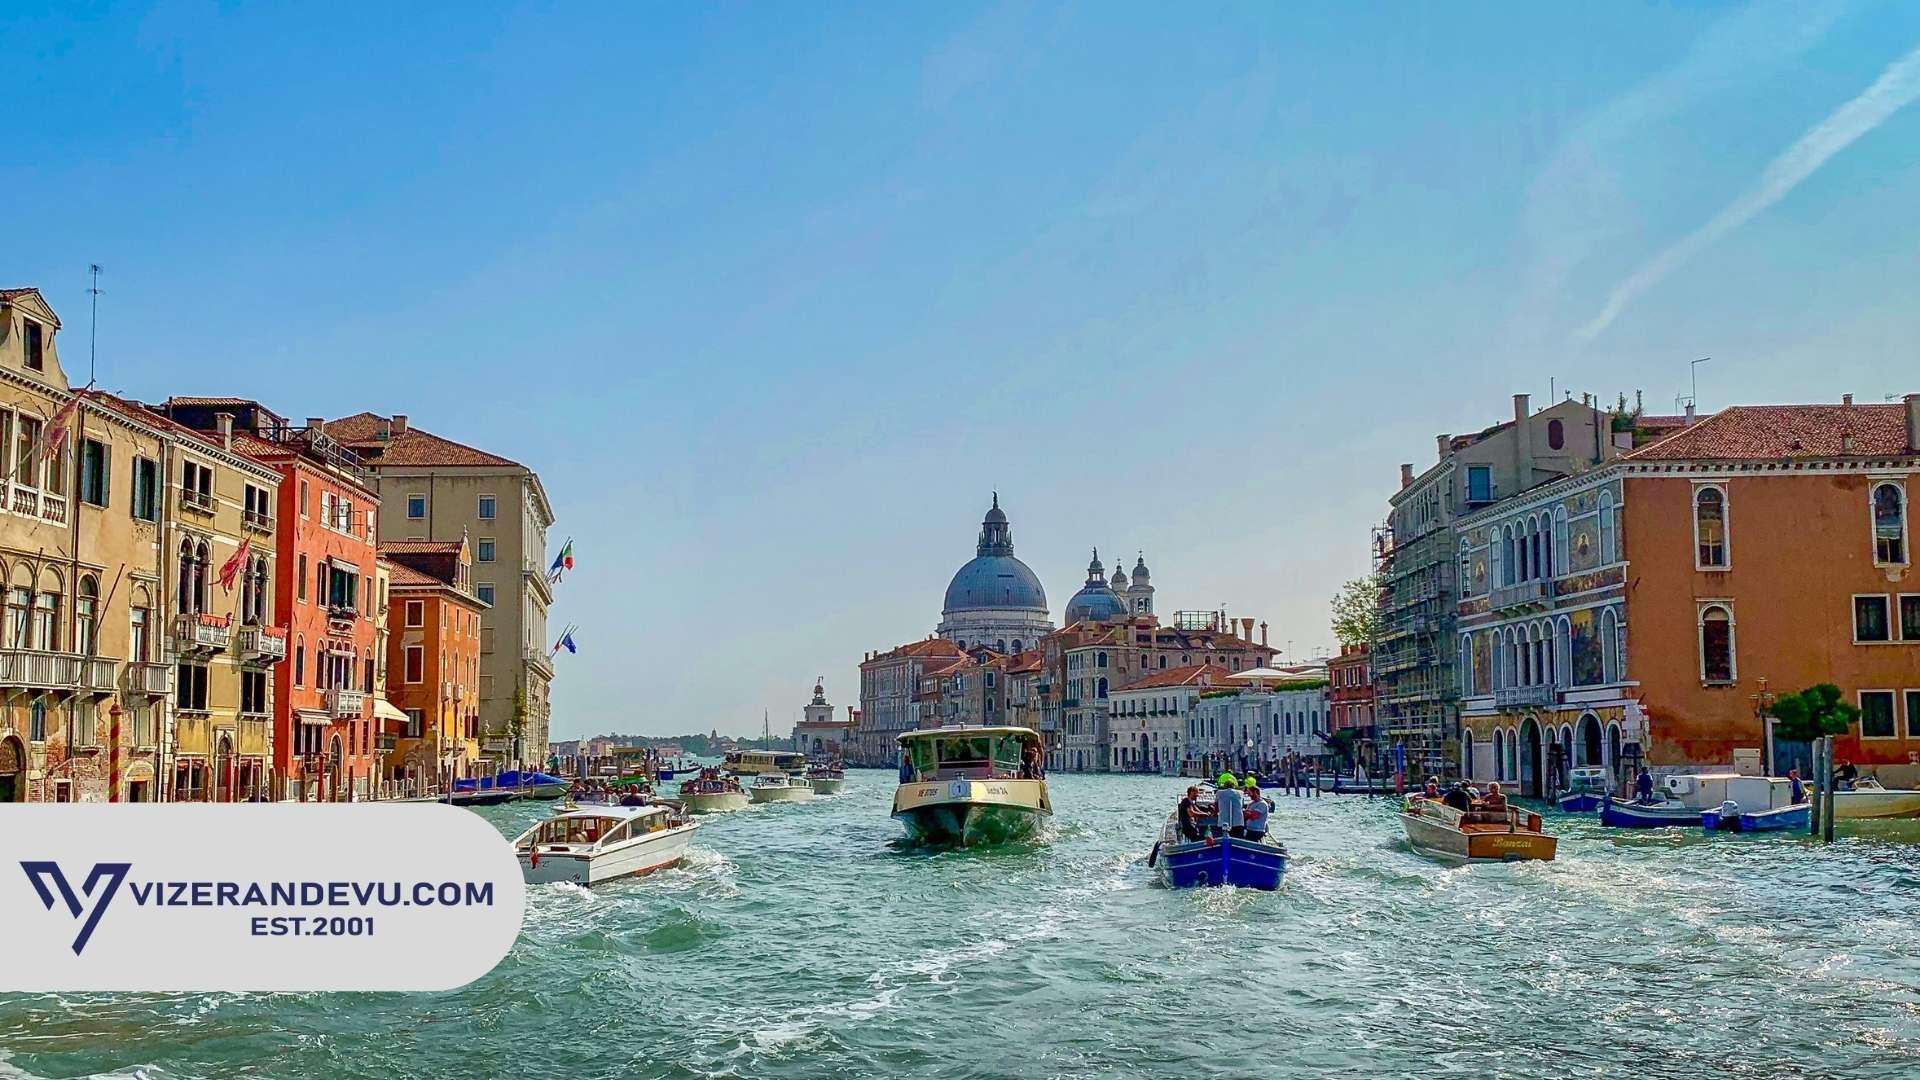 İtalya'da Vize Olmadan Kalınır Mı?